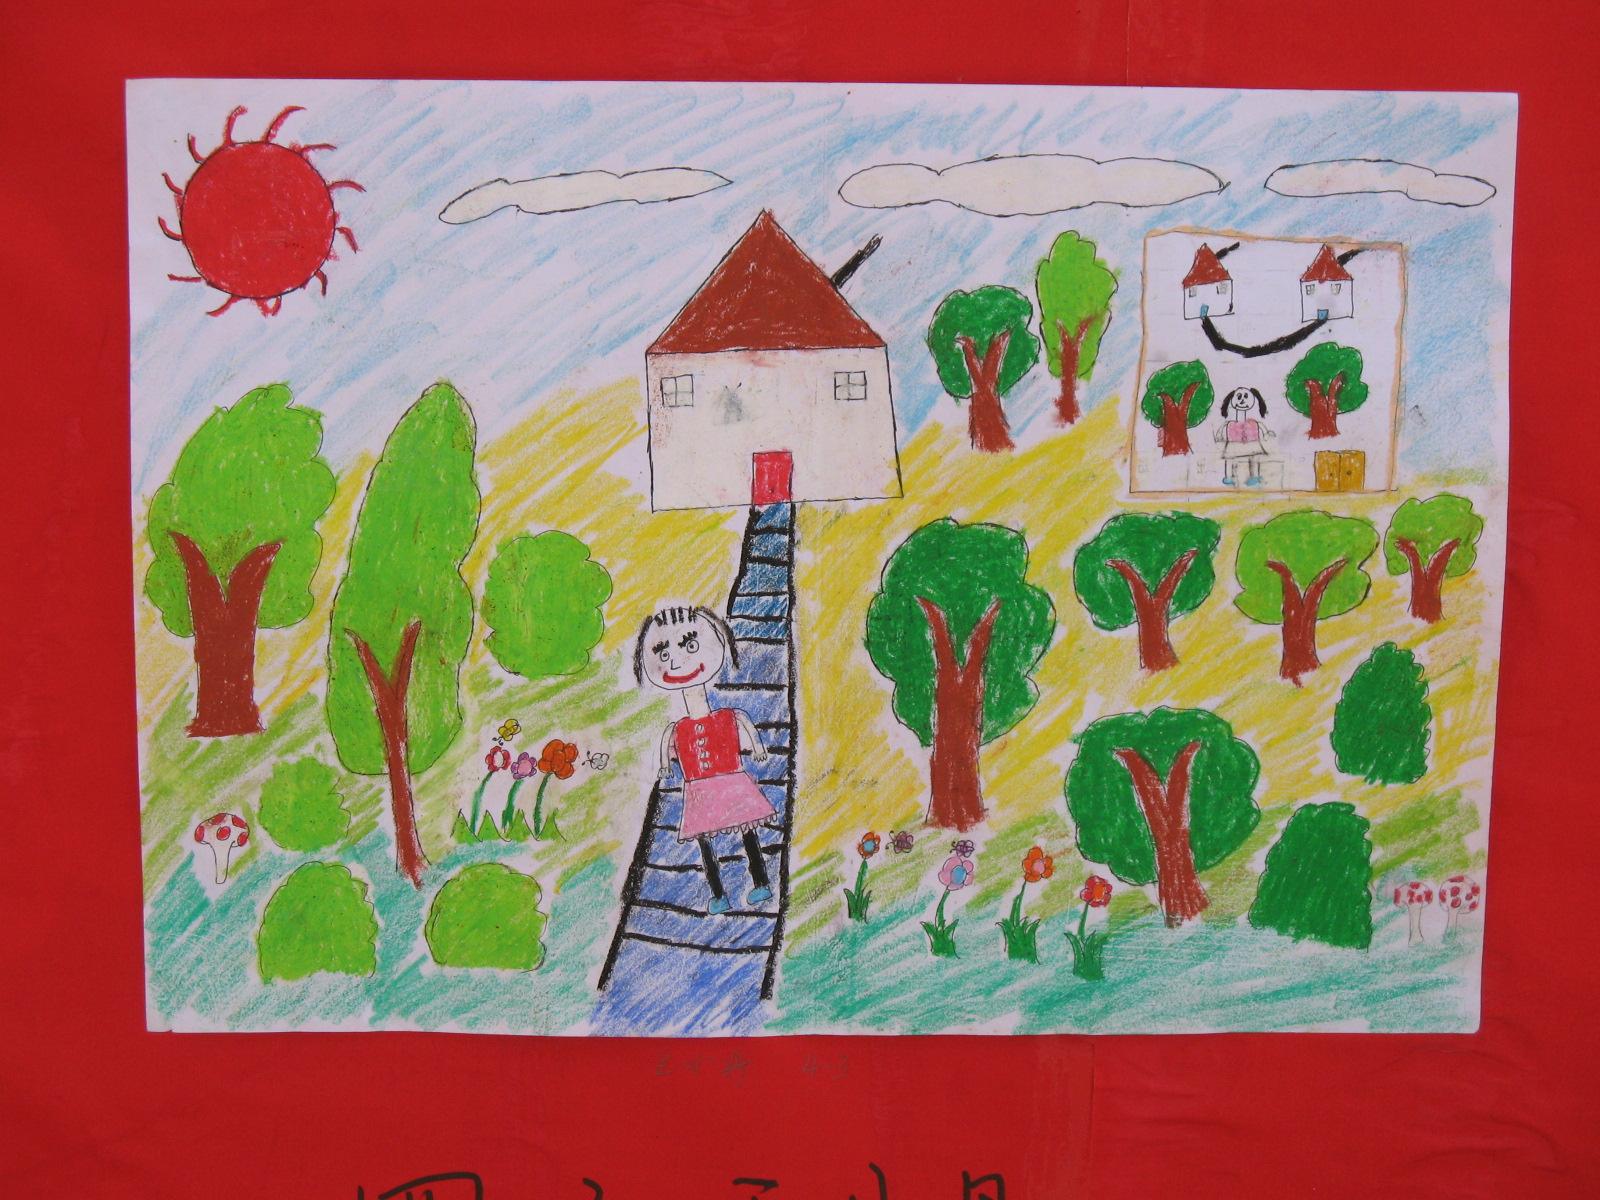 湖县乡镇小学 中国梦,我心中的家园 绘画展隆重开展 -新疆文明网